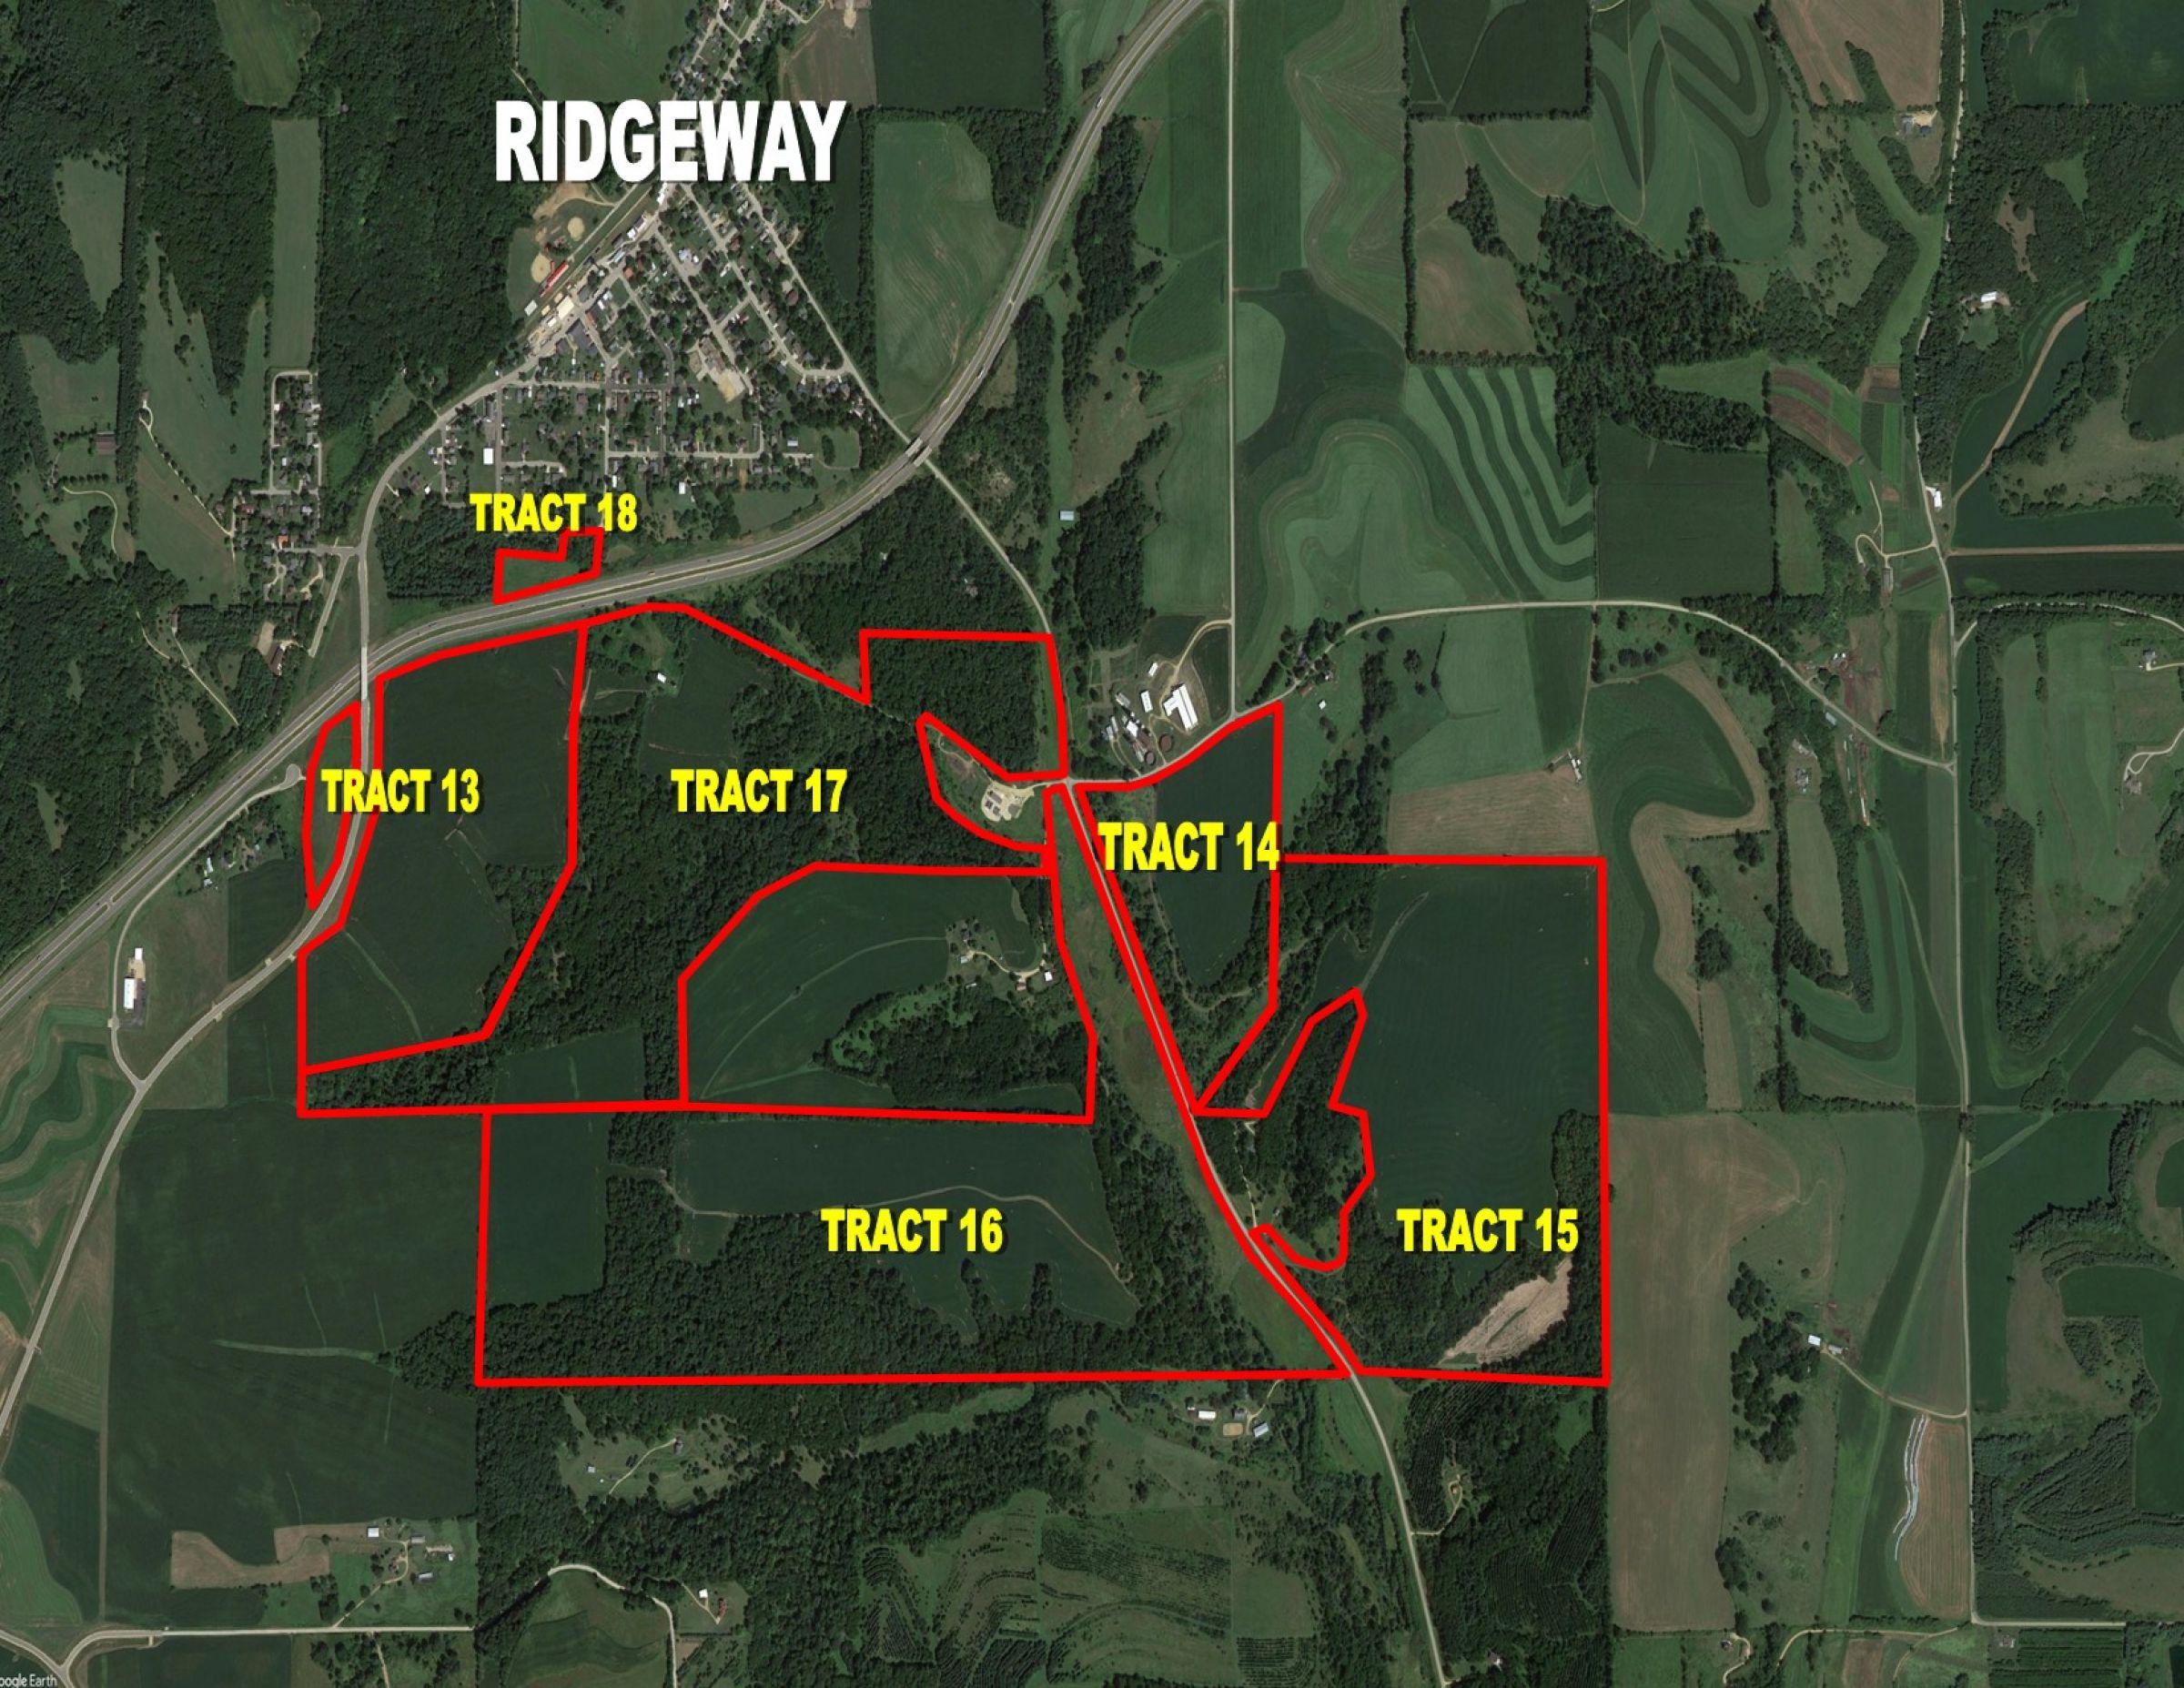 15-ridgeway-53582-0-2021-03-09-170129.jpg